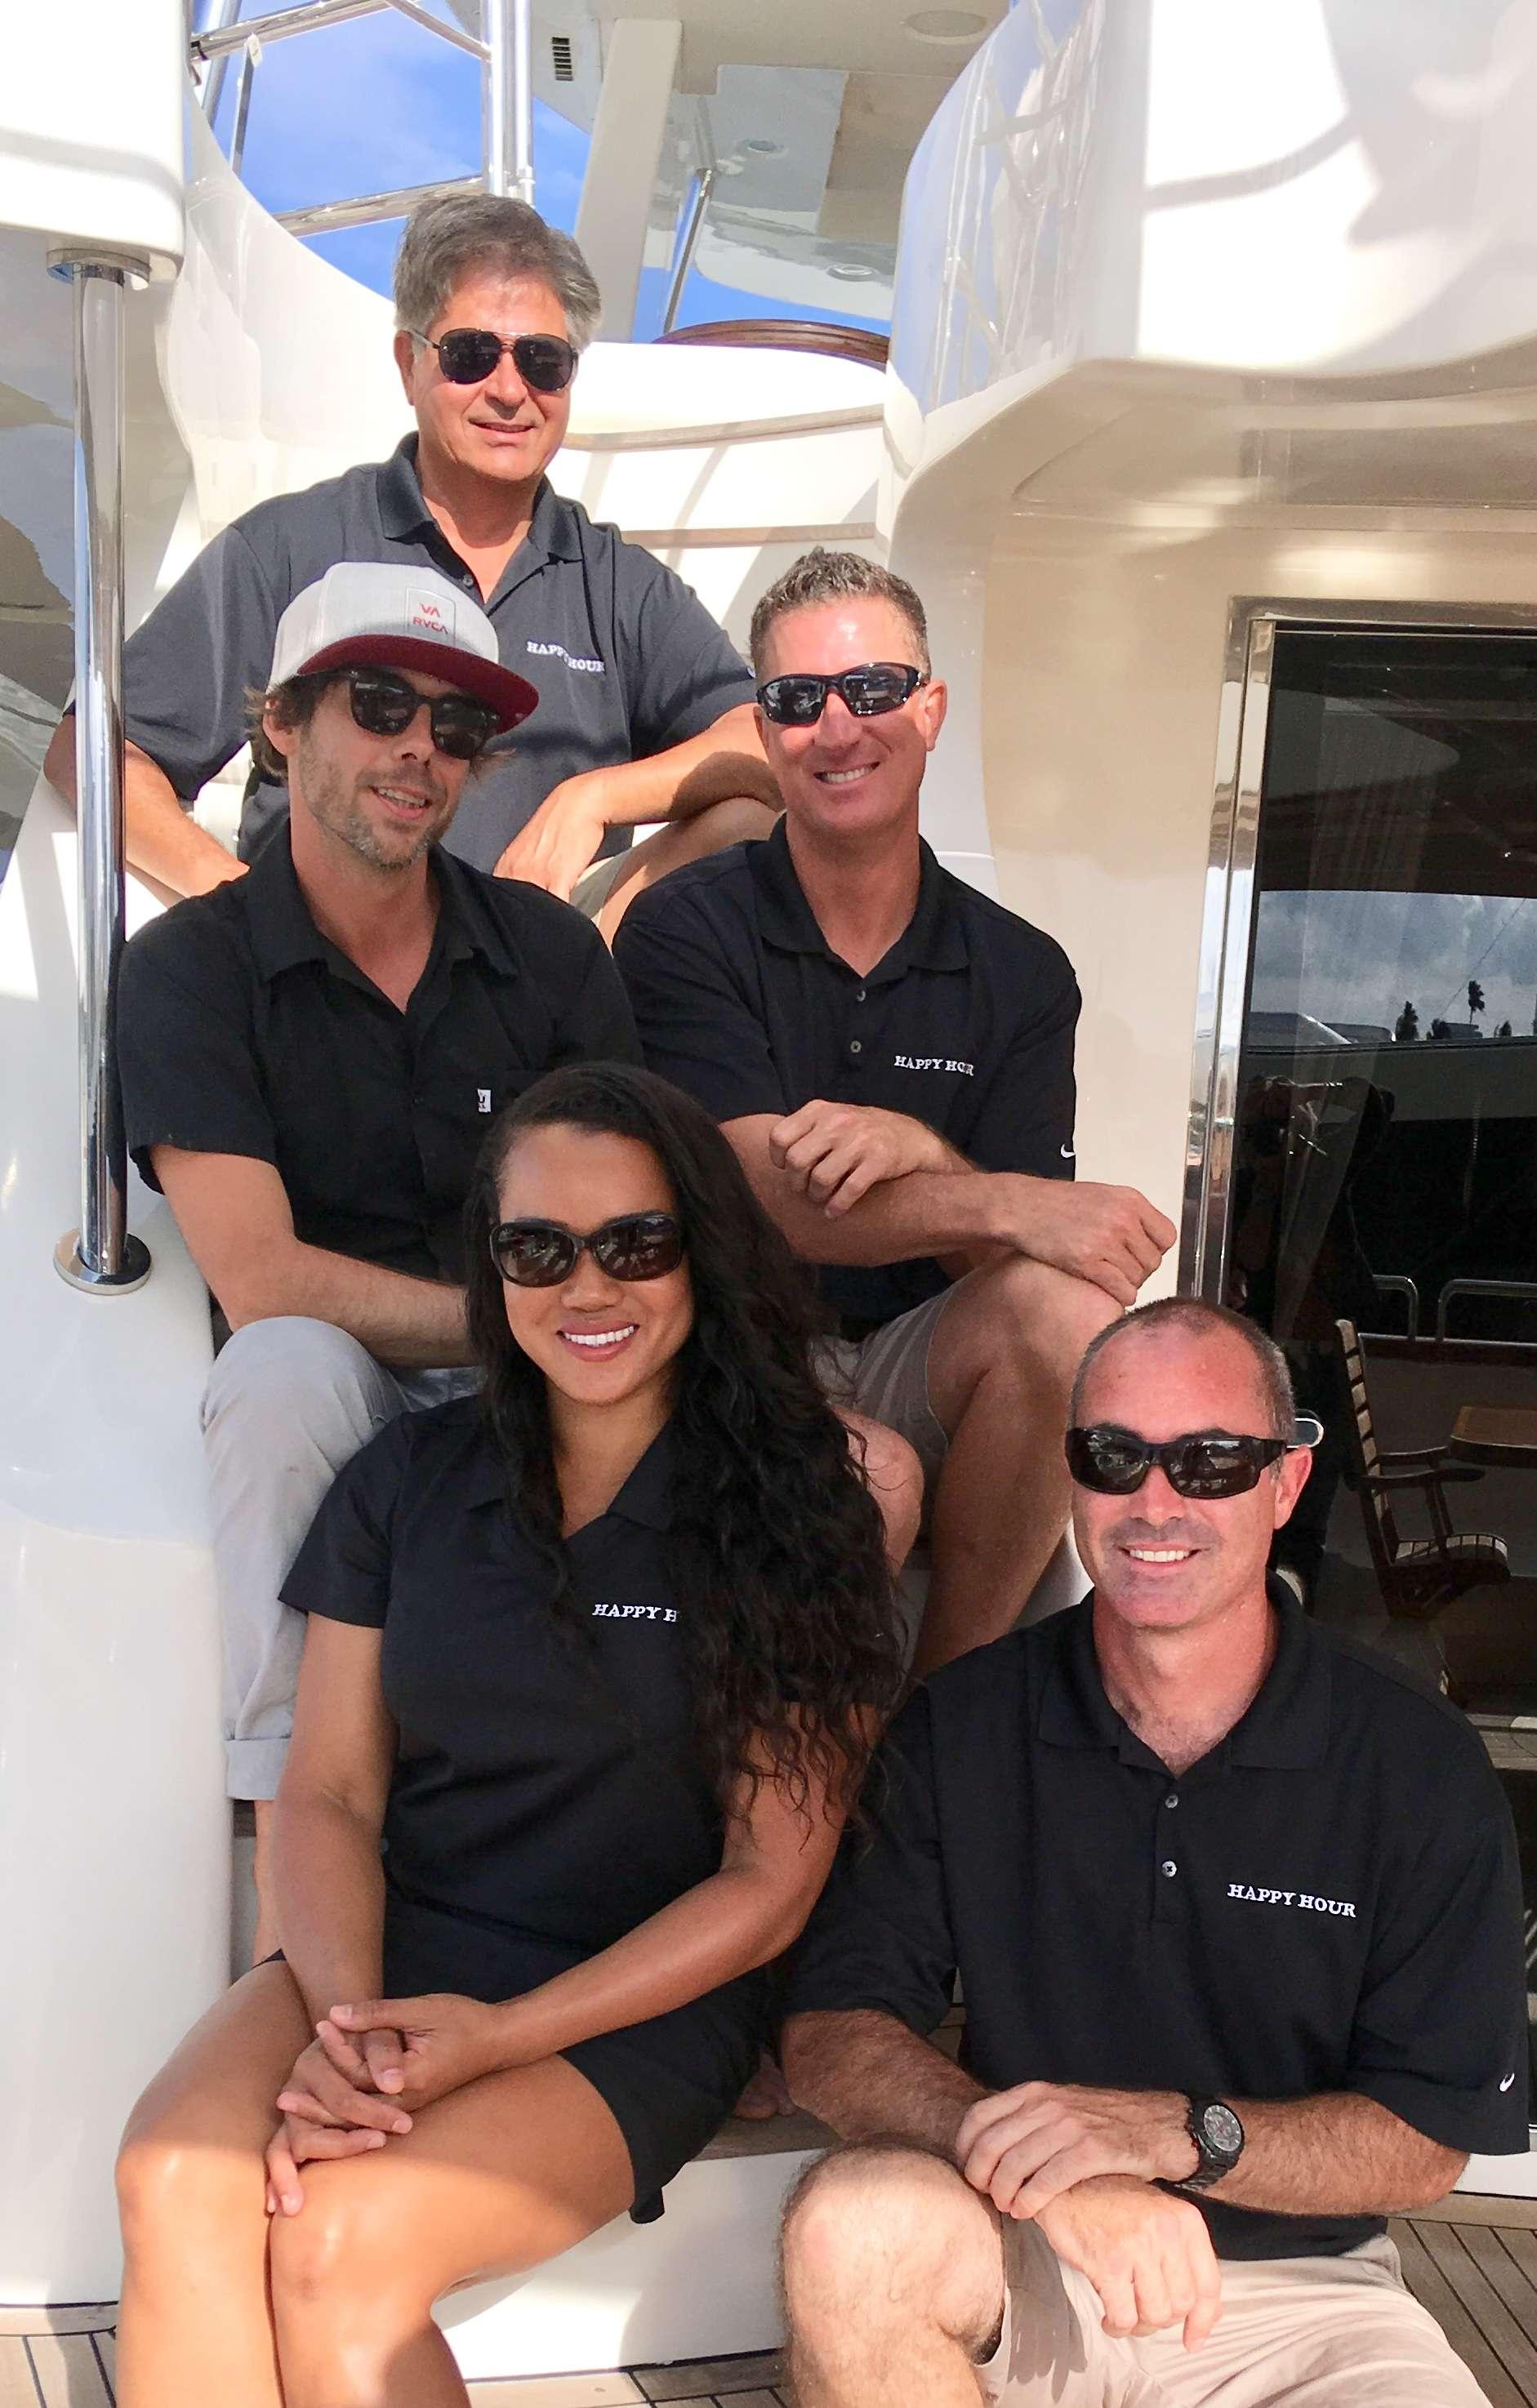 HAPPY HOUR Crew